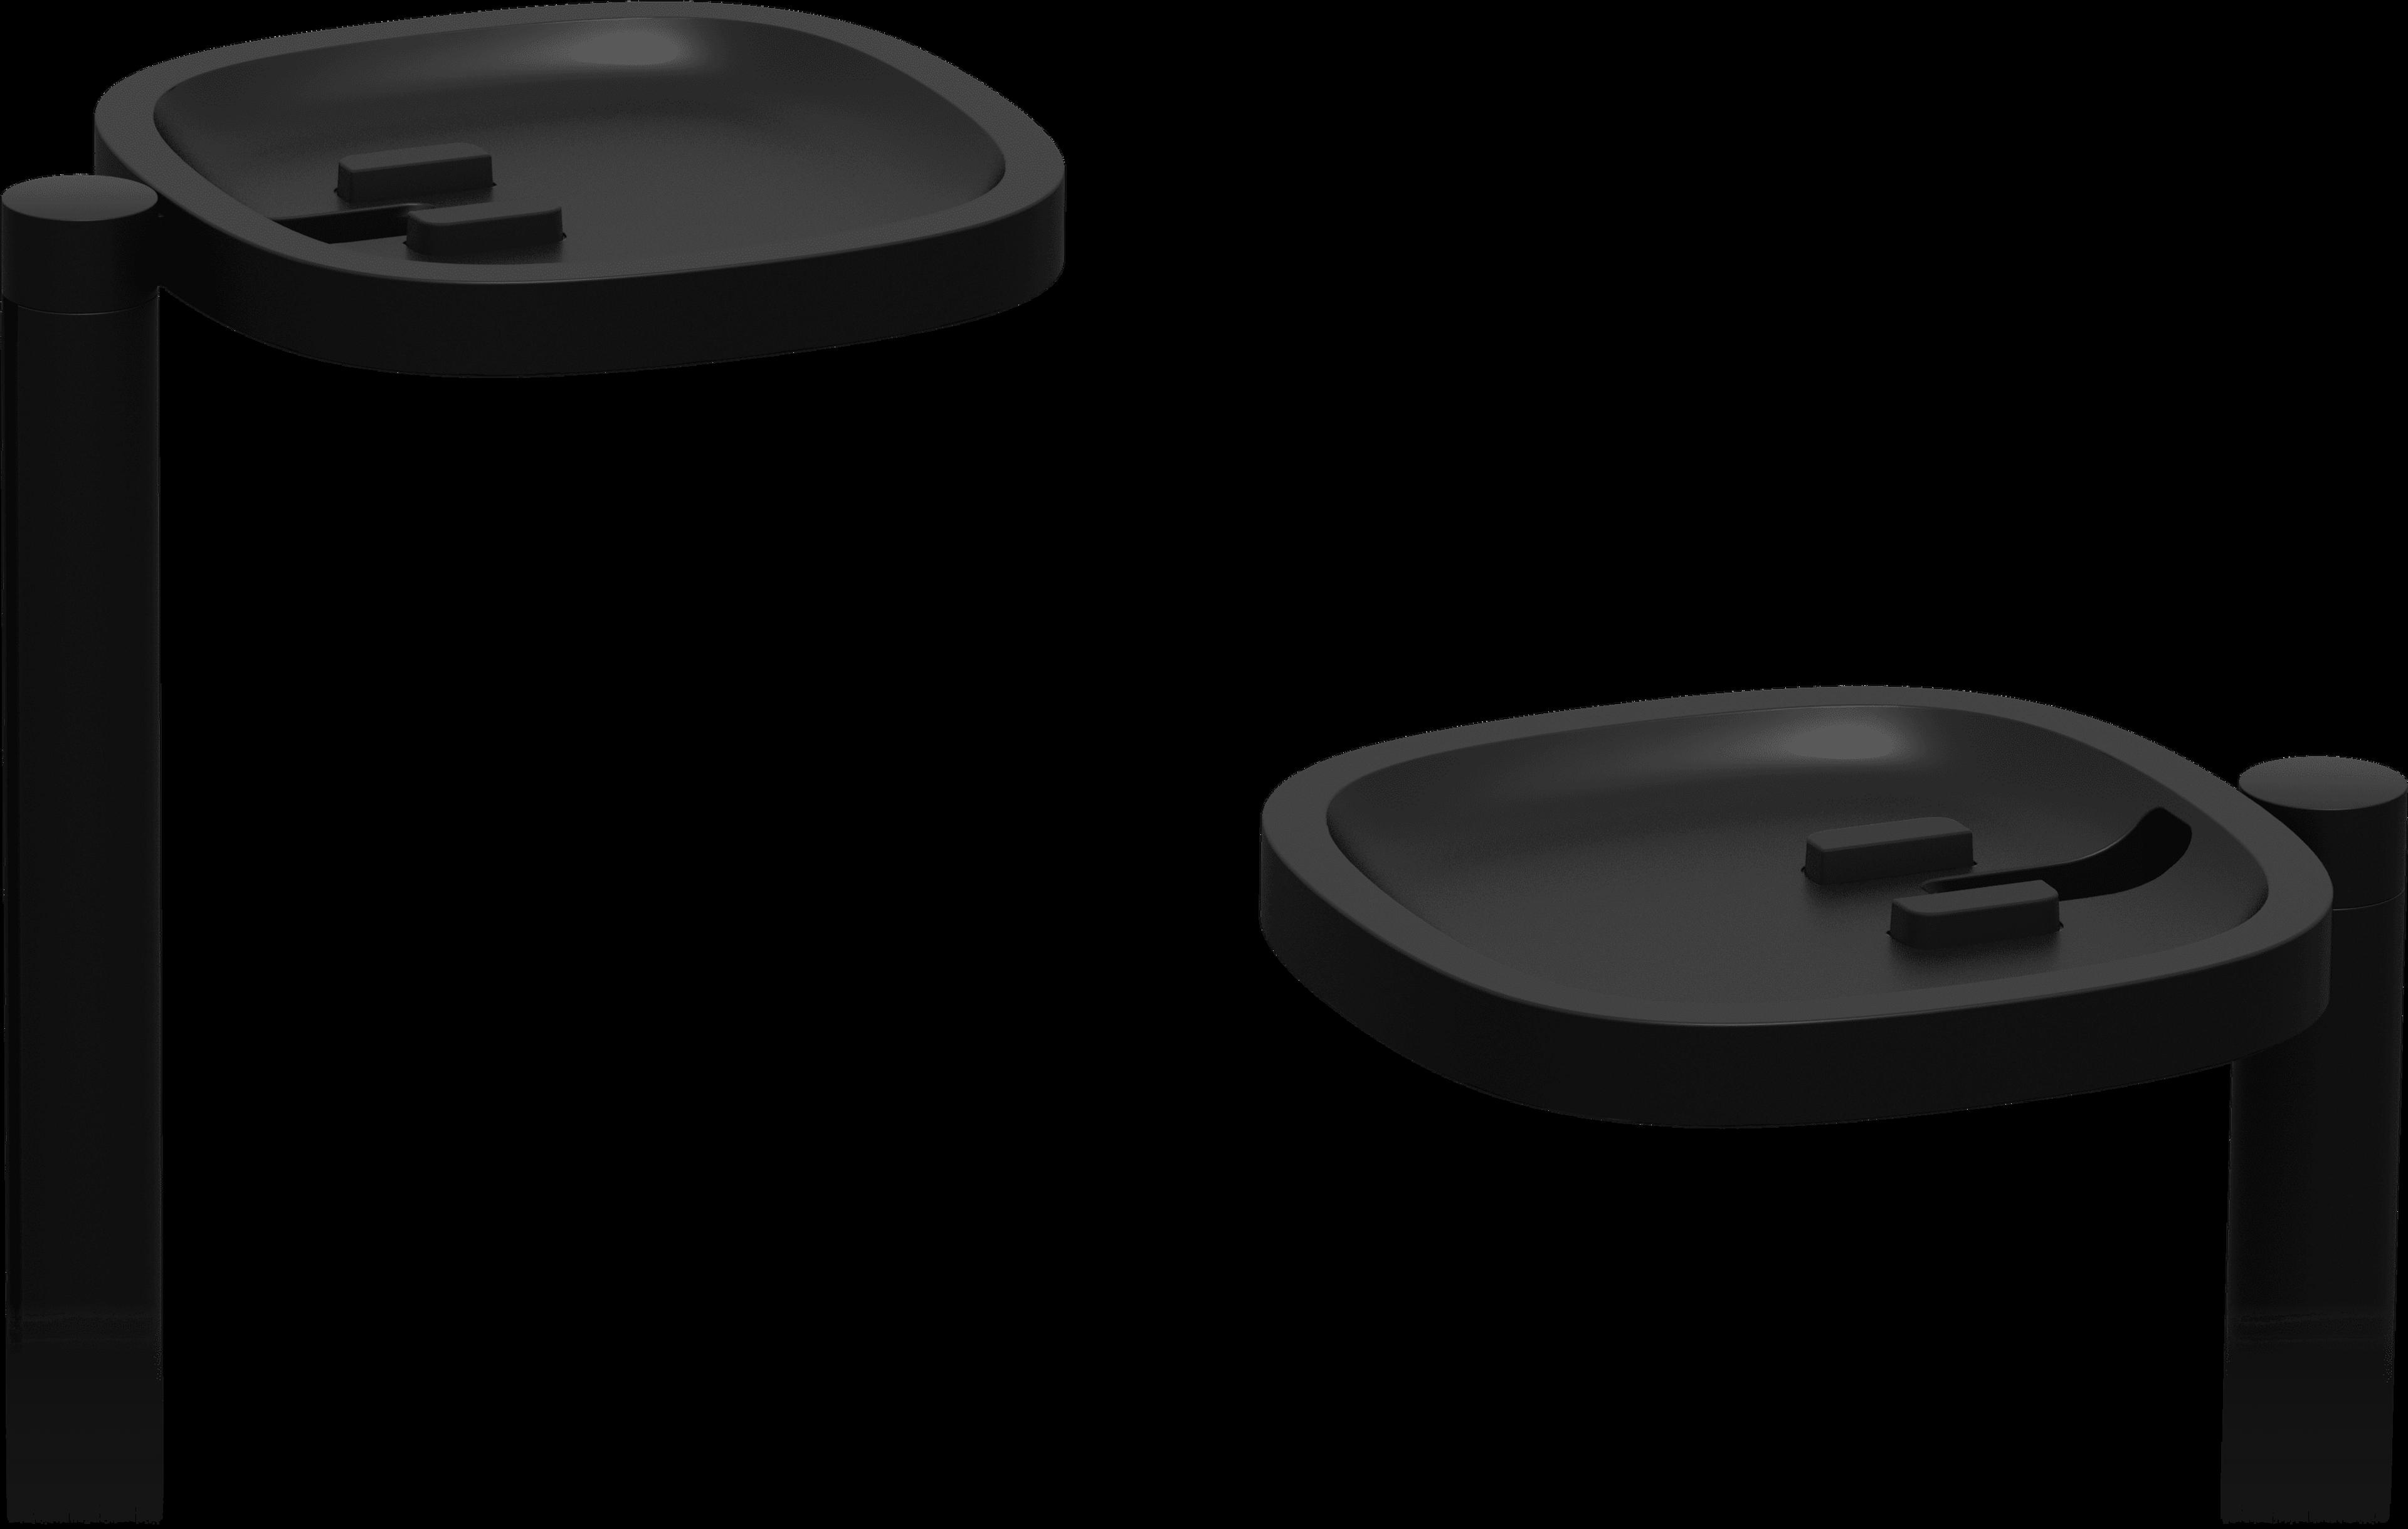 支架细节顶部空置成对黑色